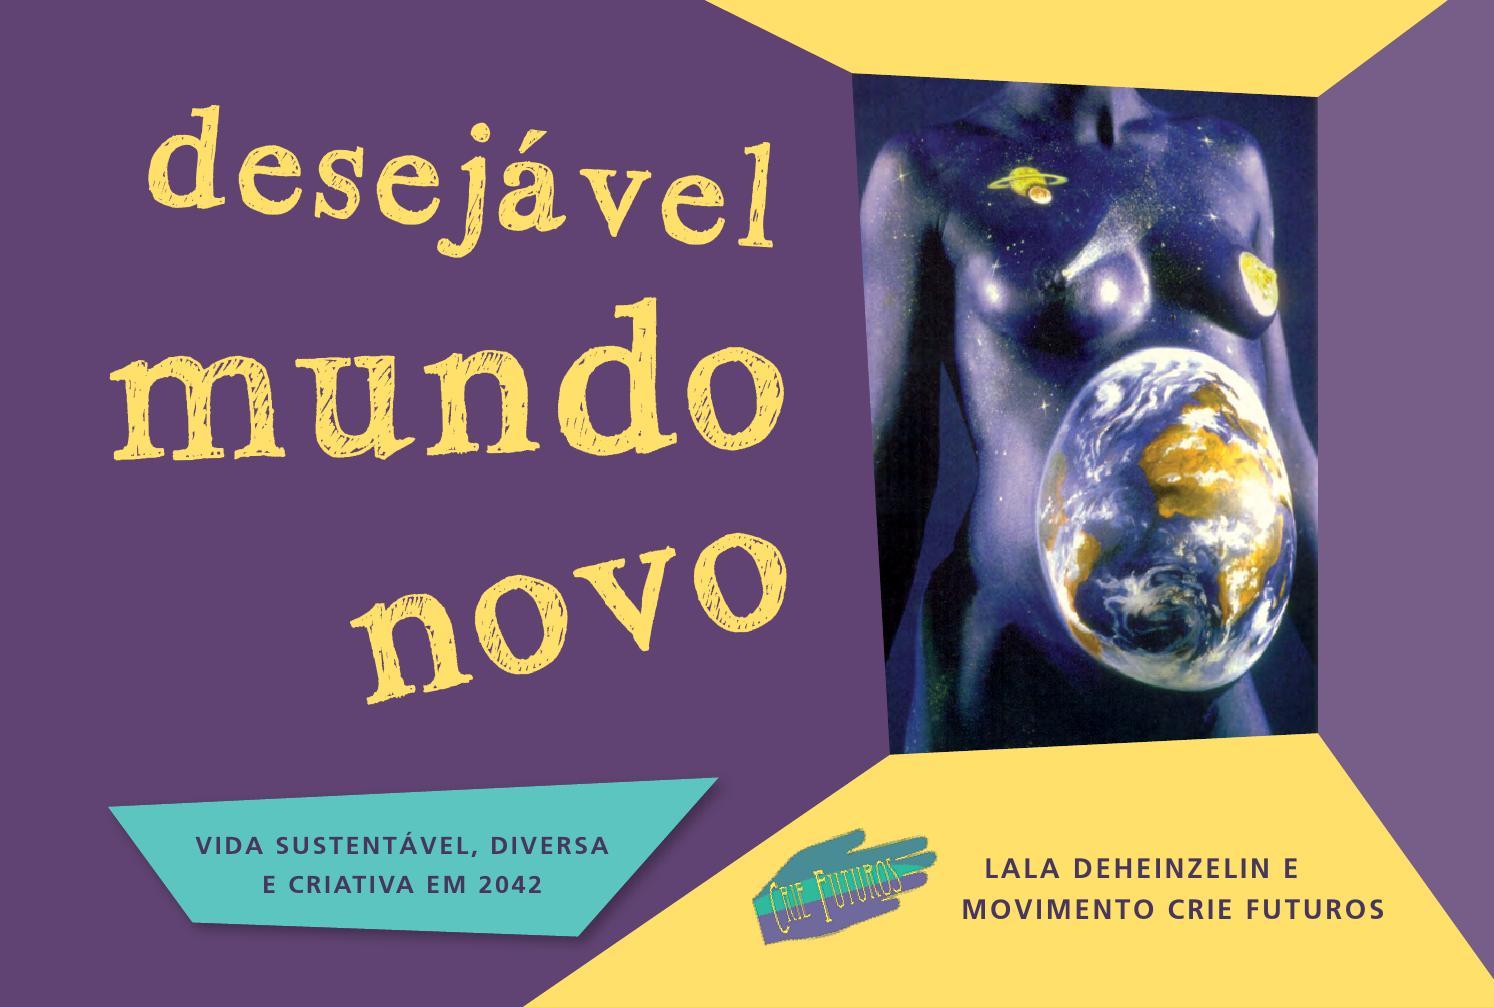 Desejavel mundo novo crie futuros by recria - issuu d3e378a110